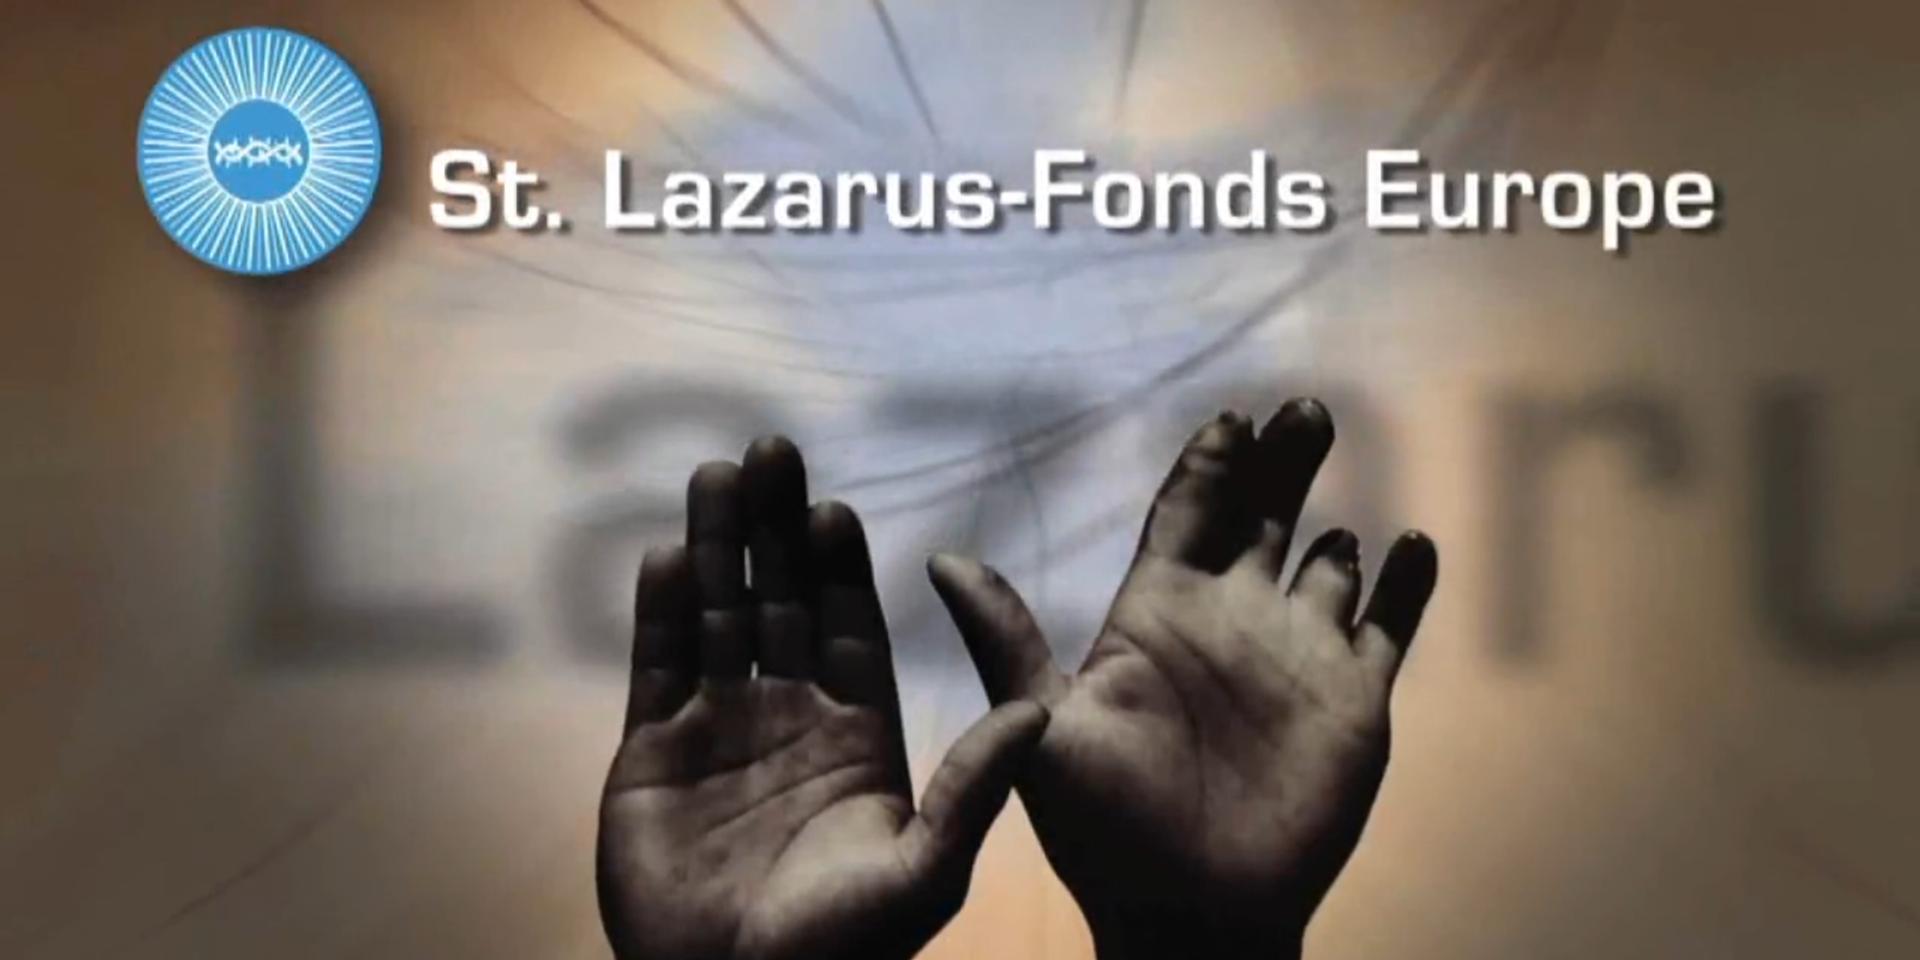 성라자로마을의 지체인 유럽 라자로 음악회 수단돕기 홍보영상